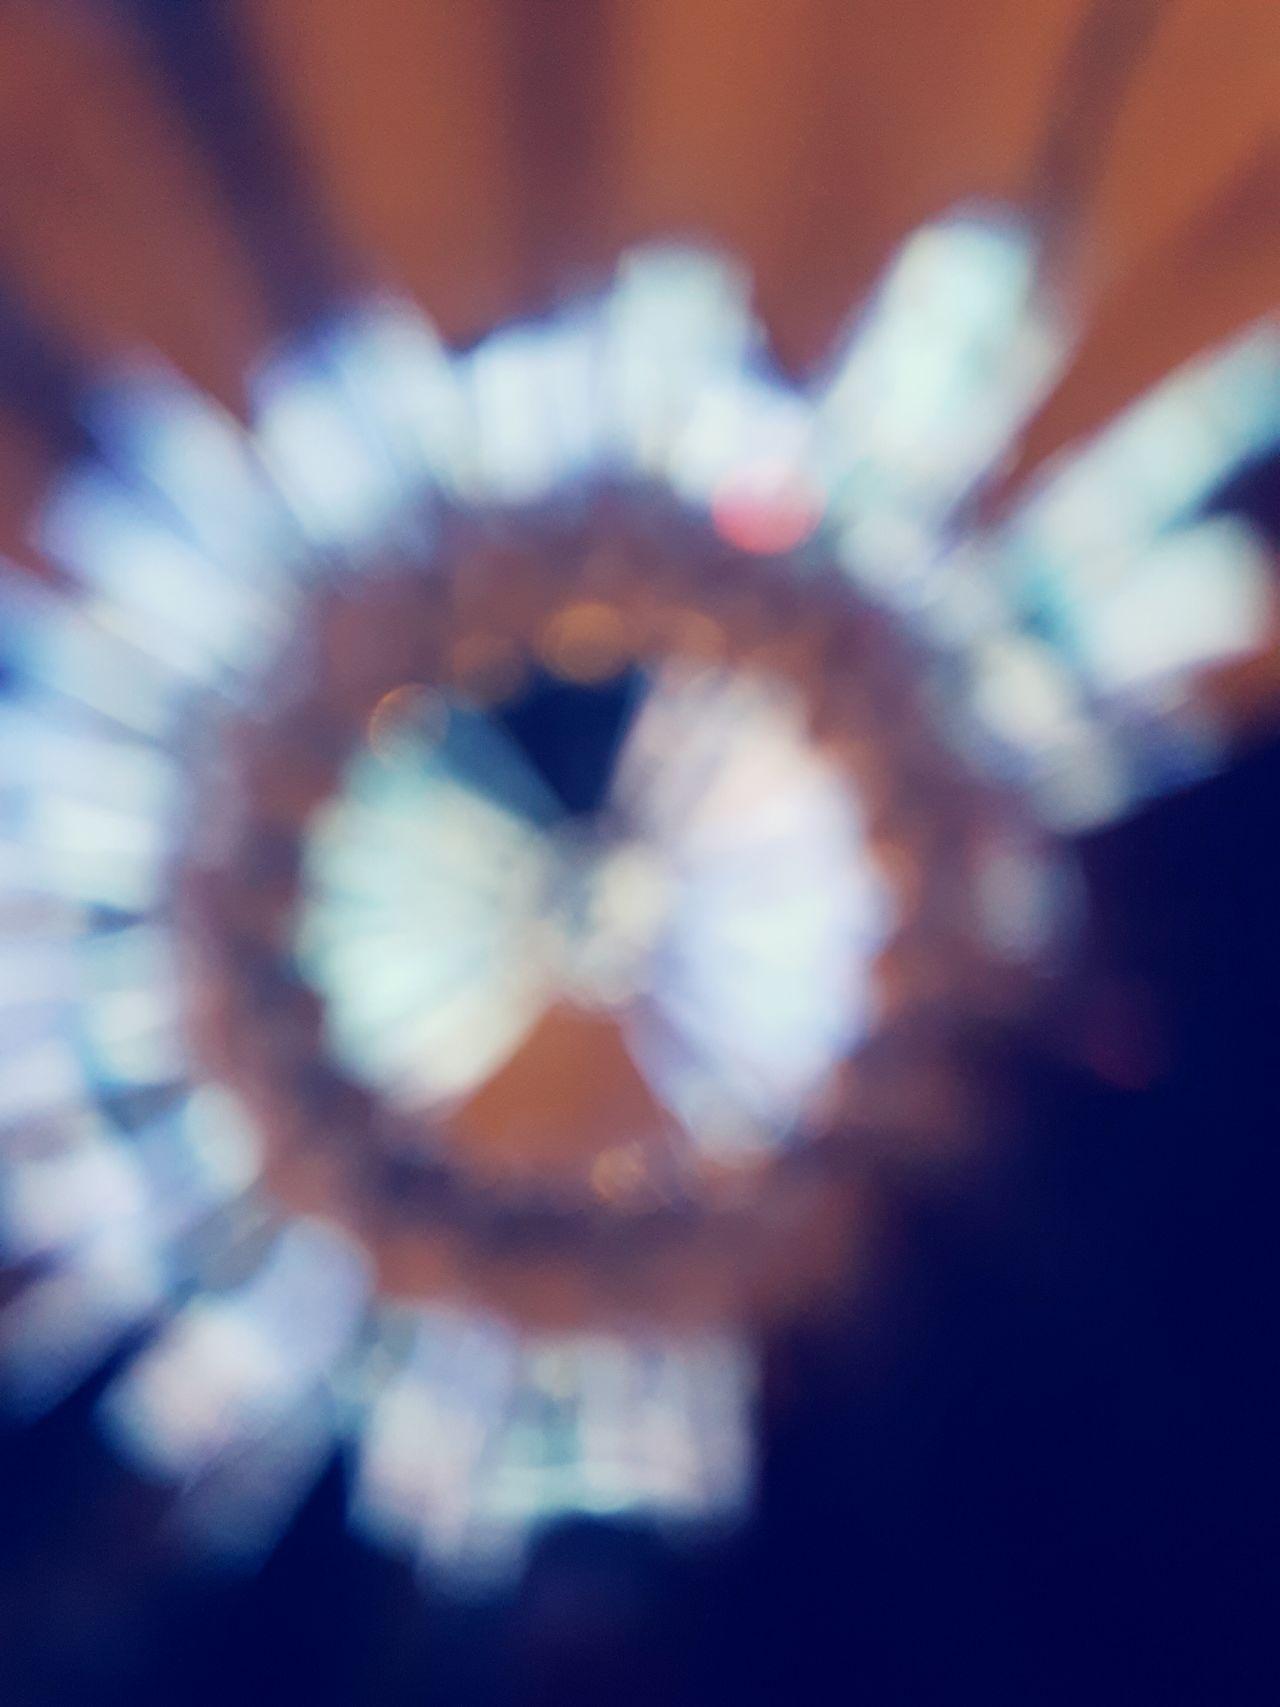 Vintage ışık Isikfoto ışıkyansıması ışık_yansıması ışıklar ışıkizi ısıkhüzmesi Cam Prizma Kristal Kristale Kristalle Photo Photolight Stil Bokeh